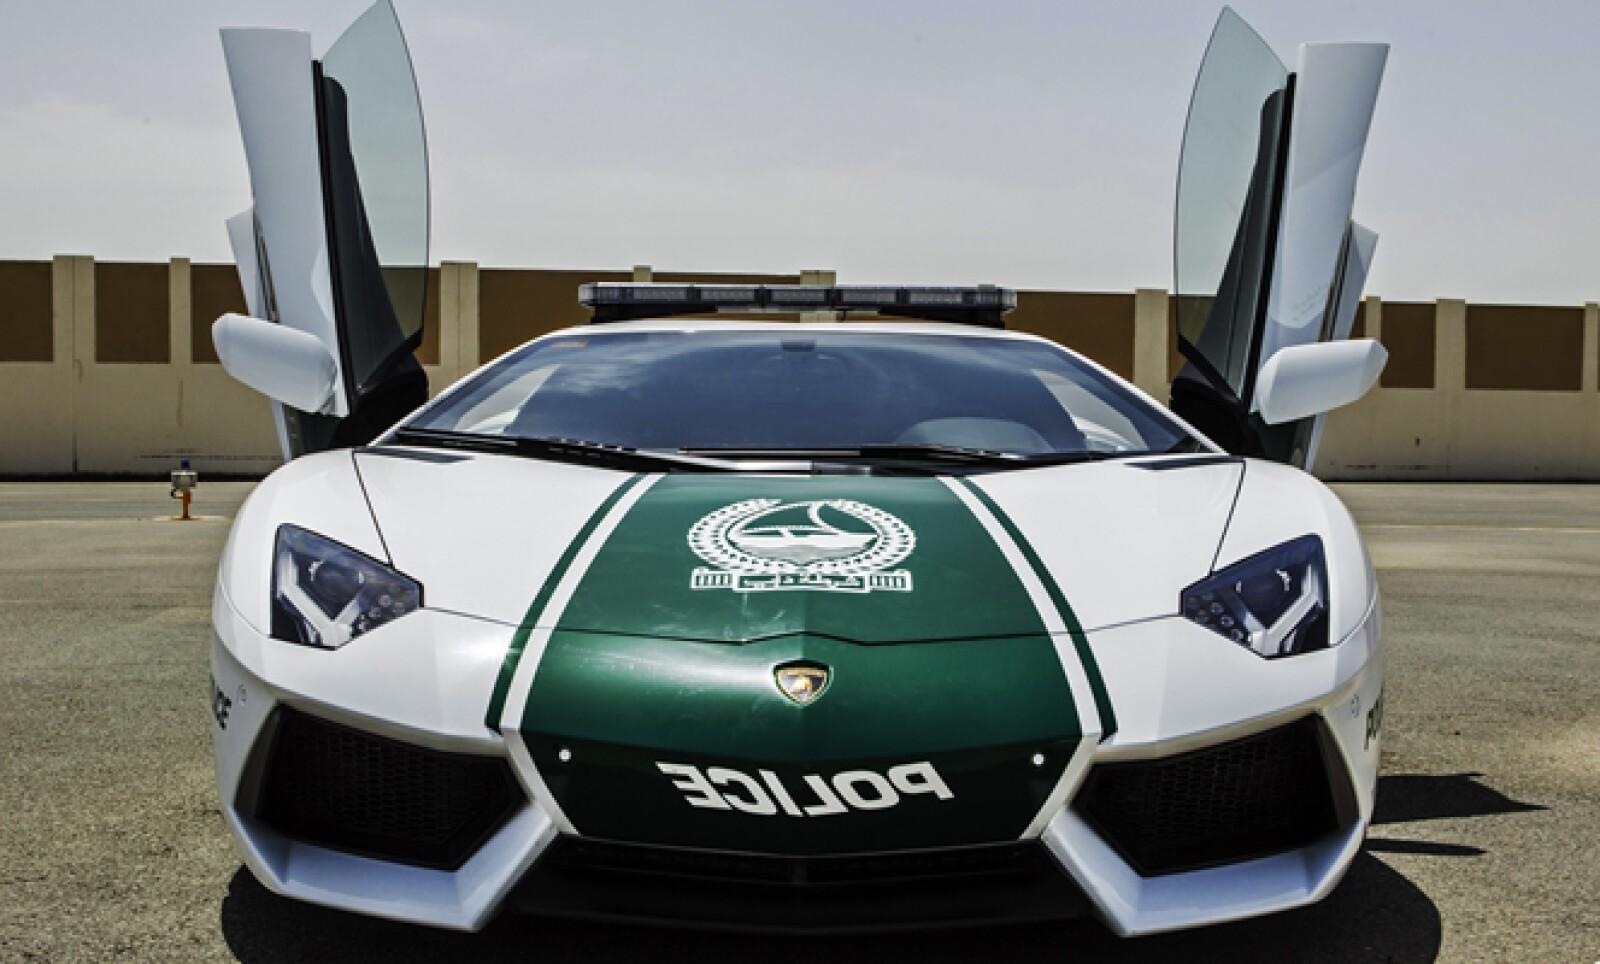 La policía de Dubai recurrió a la marca italiana para renovar su flota de vehículos. Pueden alcanzar los 349 kilómetros por hora.